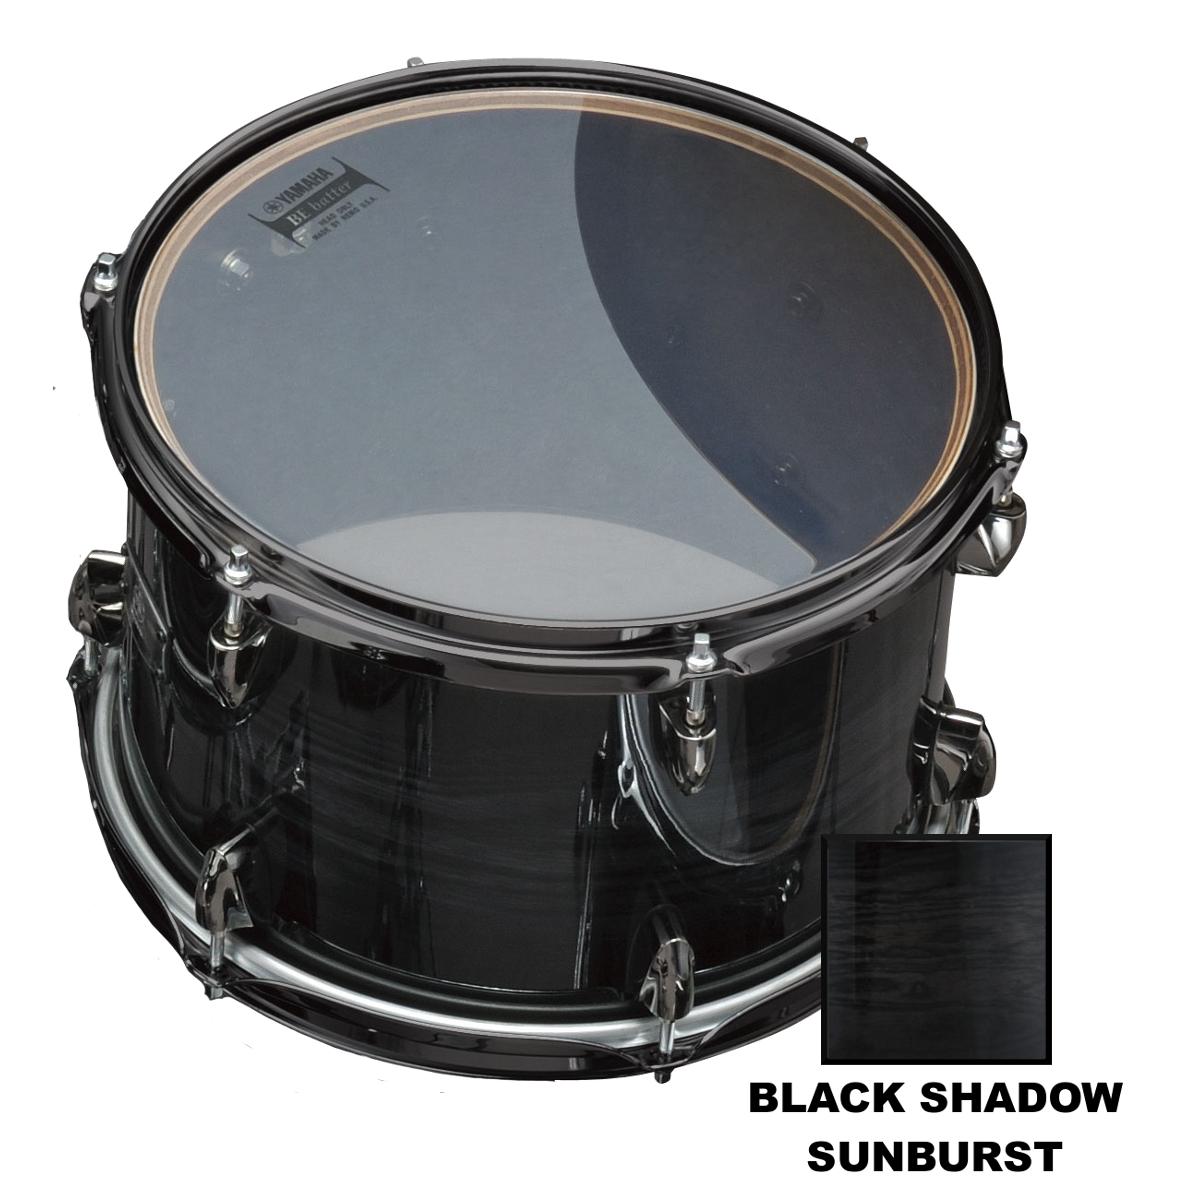 Yamaha Lnt0807 - 8 X 7 - Black Shadow Sunburst